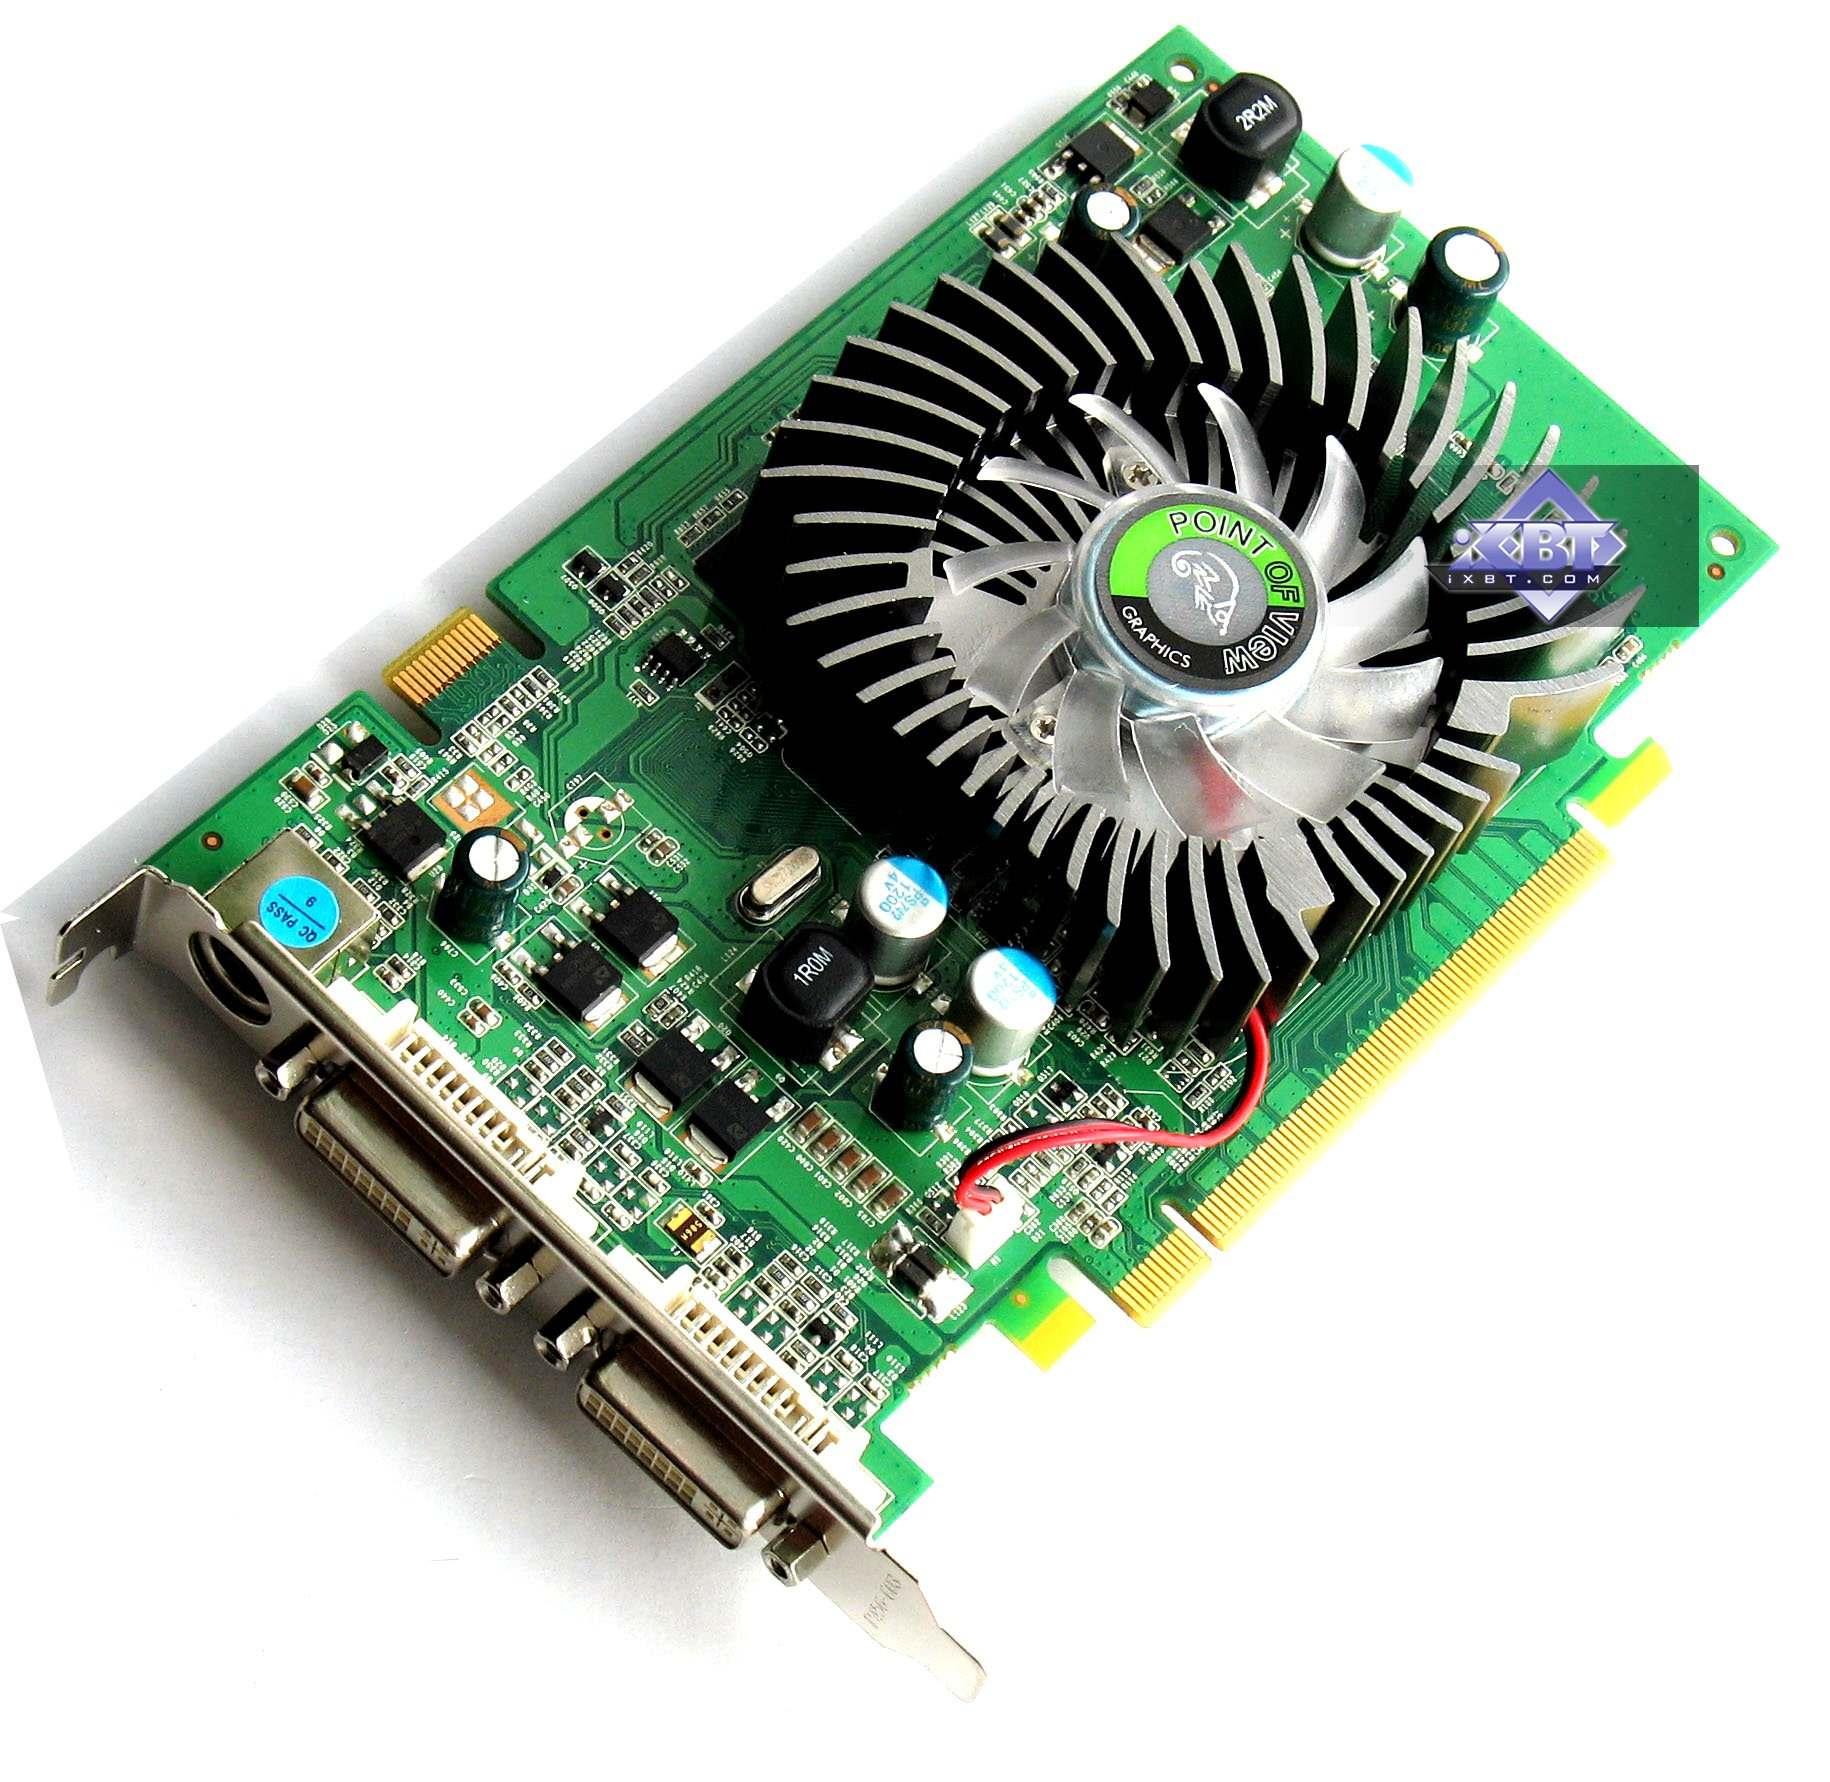 Скачать драйвер на видеокарту nvidia geforce 8600 gt драйвер